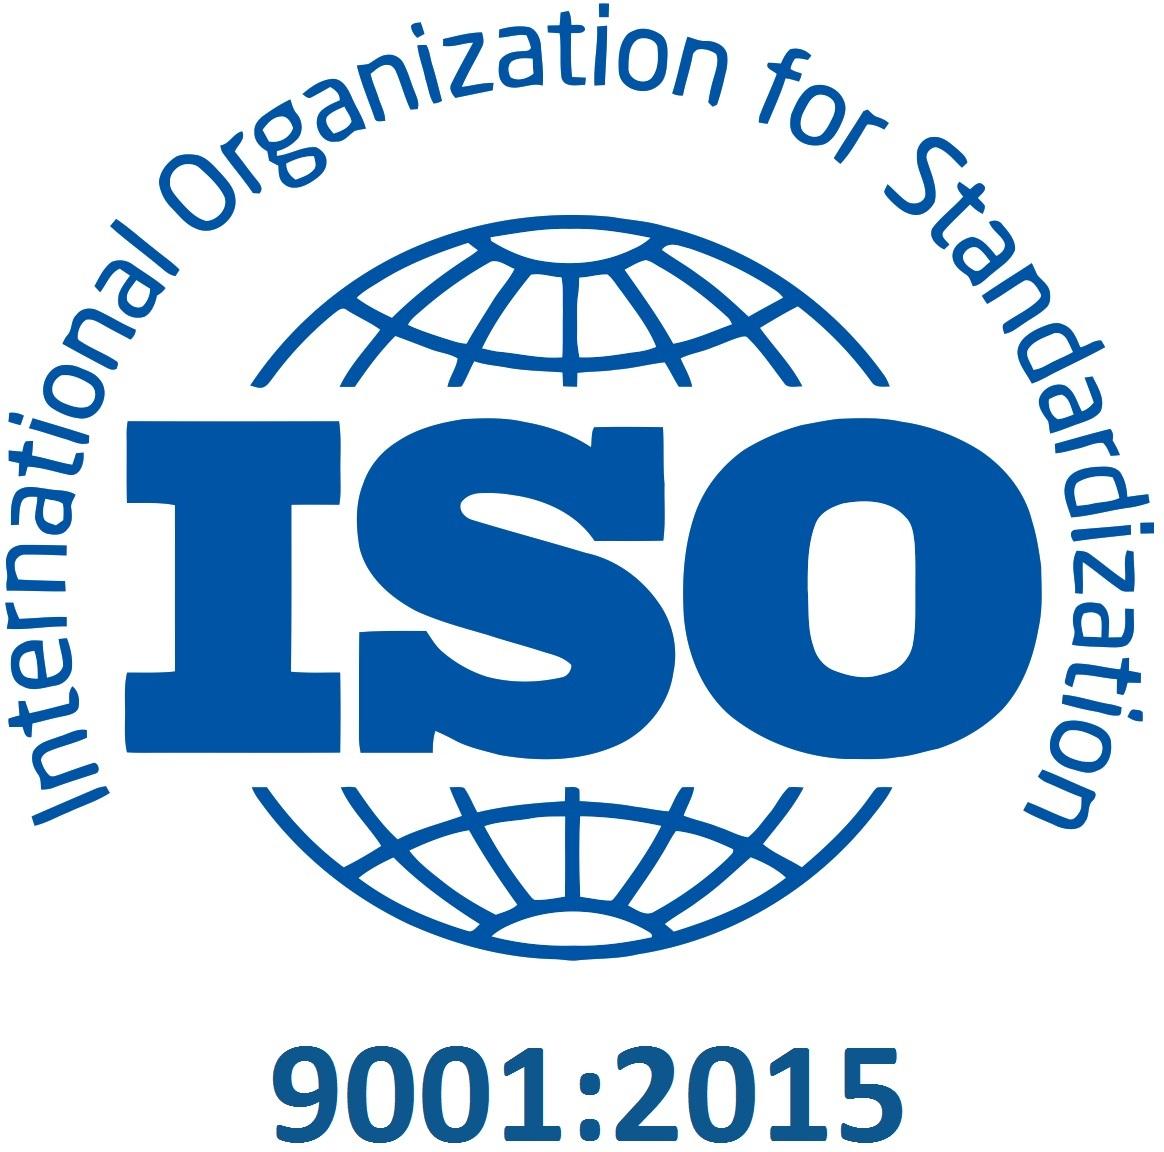 Apa Manfaat Iso 9001 Bagi Bisnis Atau Organisasi Kaskus